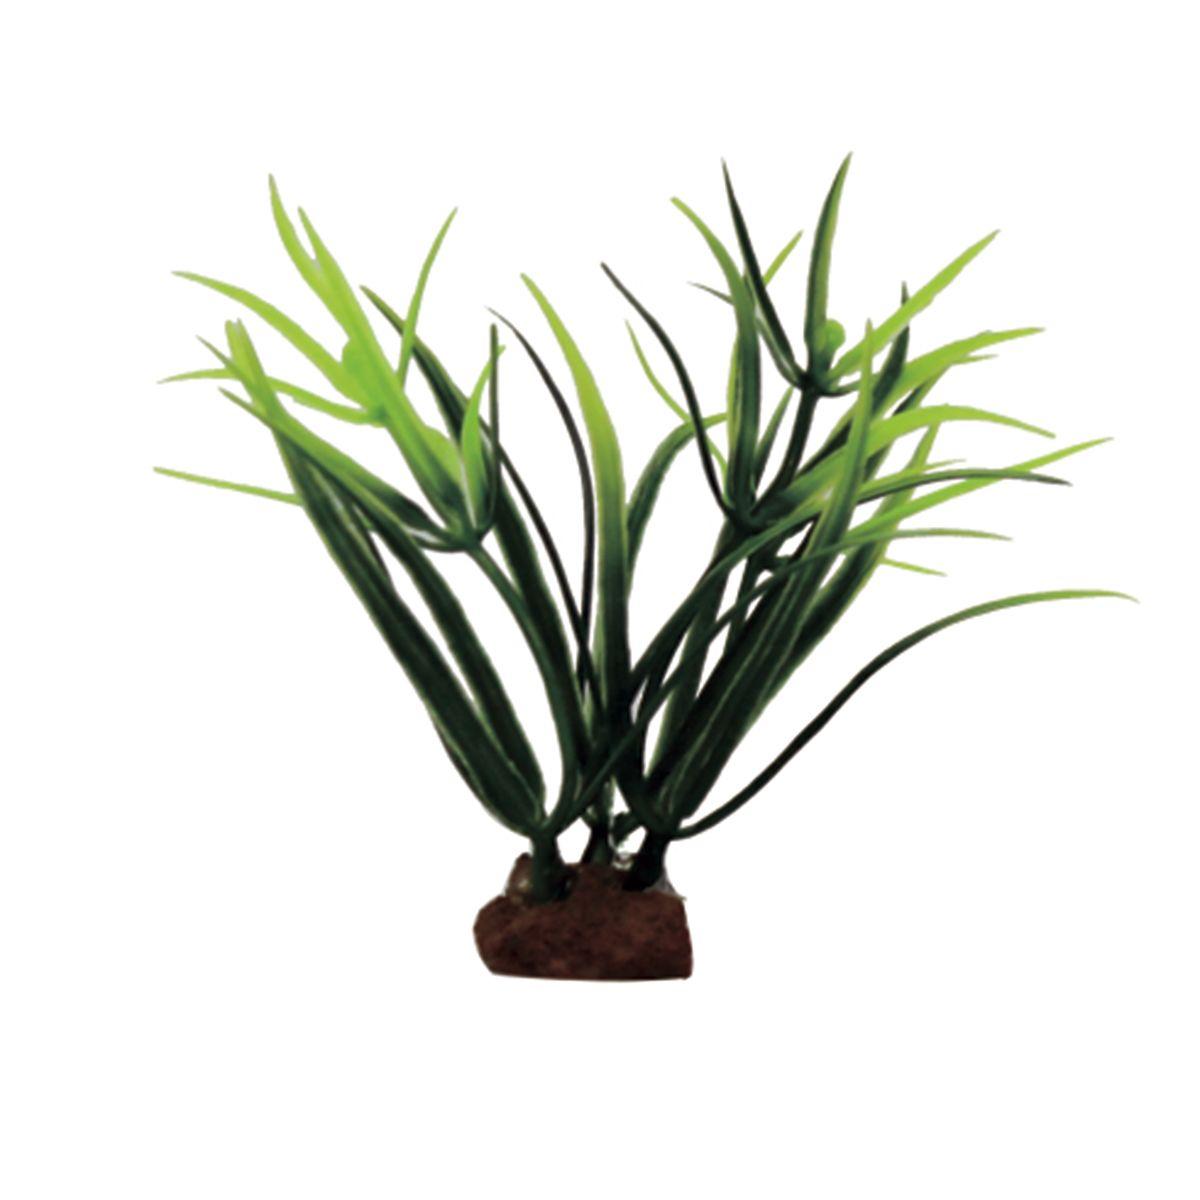 Растение для аквариума ArtUniq Лагаросифон мадагаскарский , высота 10 см, 6 шт0120710Композиция из искусственных растений ArtUniq превосходно украсит и оживит аквариум.Растения - это важная часть любой композиции, они помогут вдохнуть жизнь в ландшафт любого аквариума или террариума. Лучше всего это сделают яркие и сочные цвета искусственных растений серии ArtPlants. А их сходствос природными порадует даже самых взыскательных ценителей.